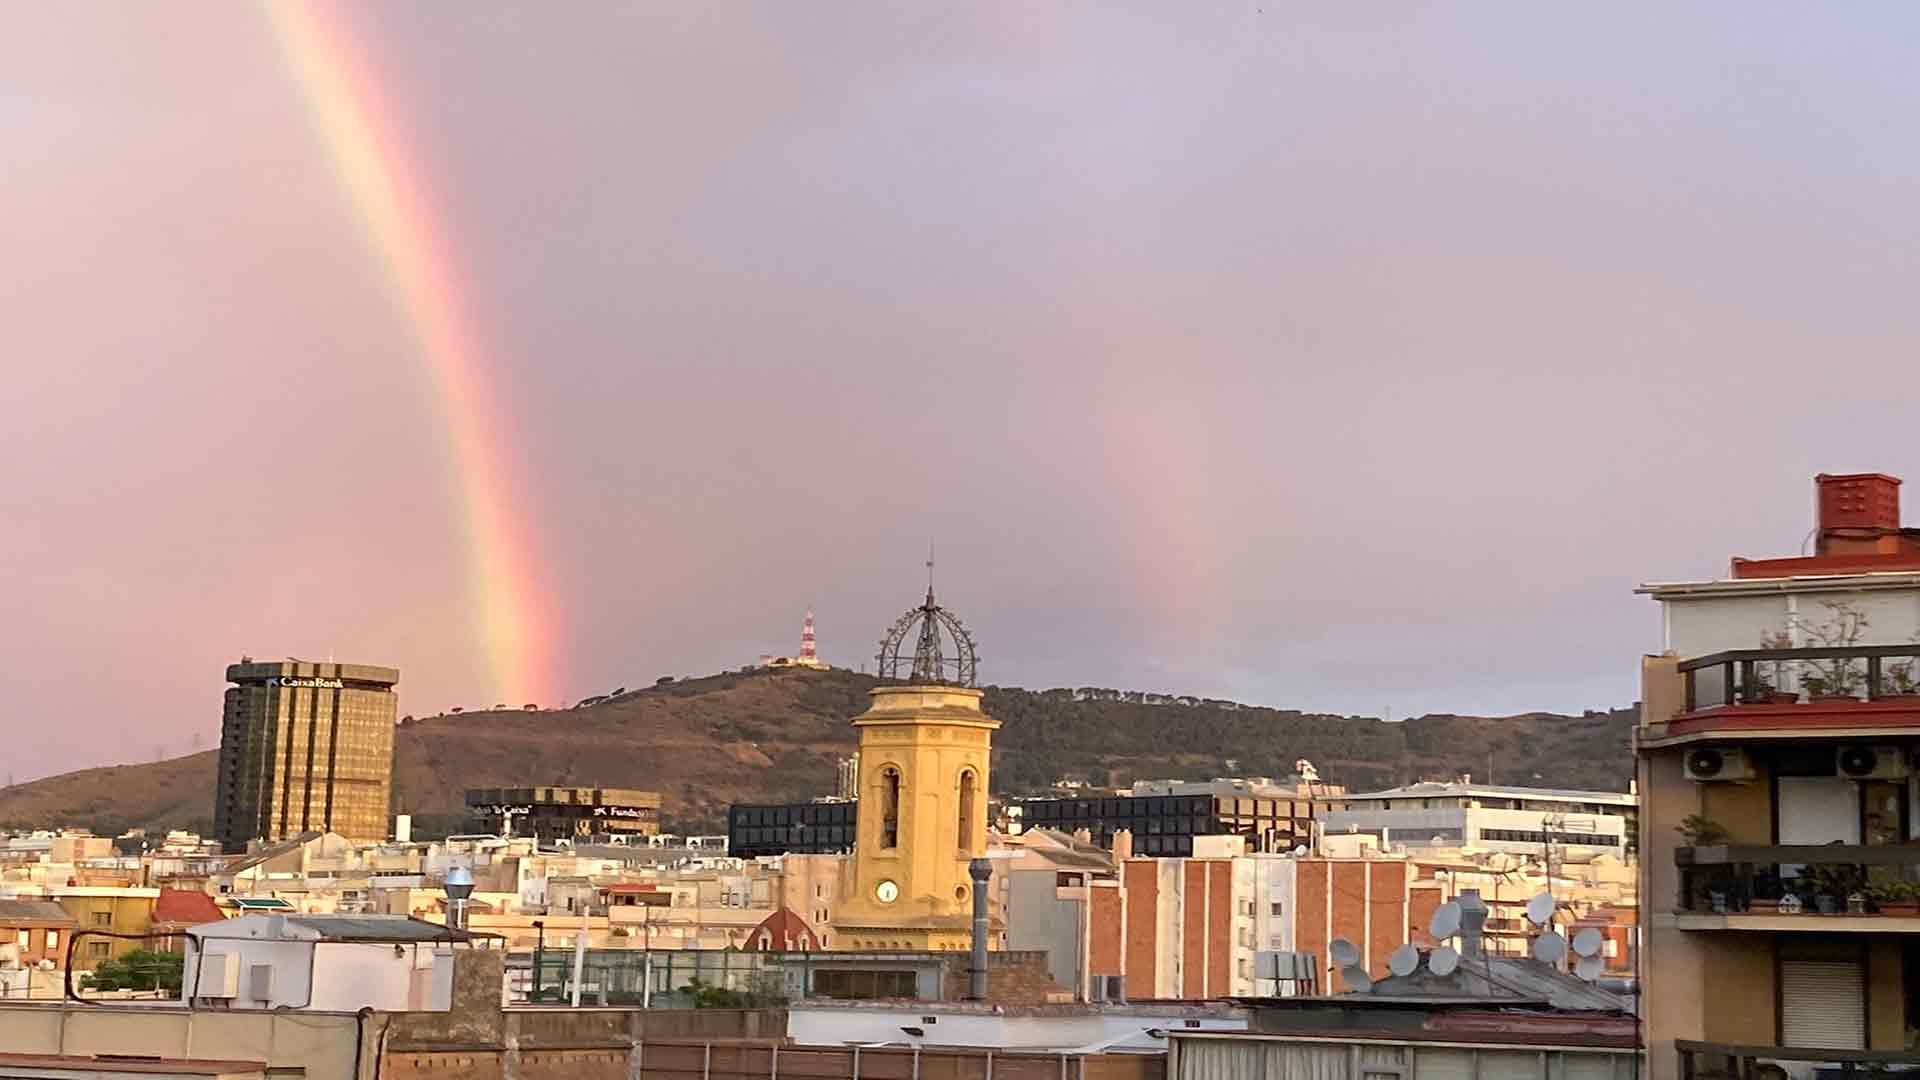 Árc de Sant Martí a Barcelona el 23 de juny de 2021